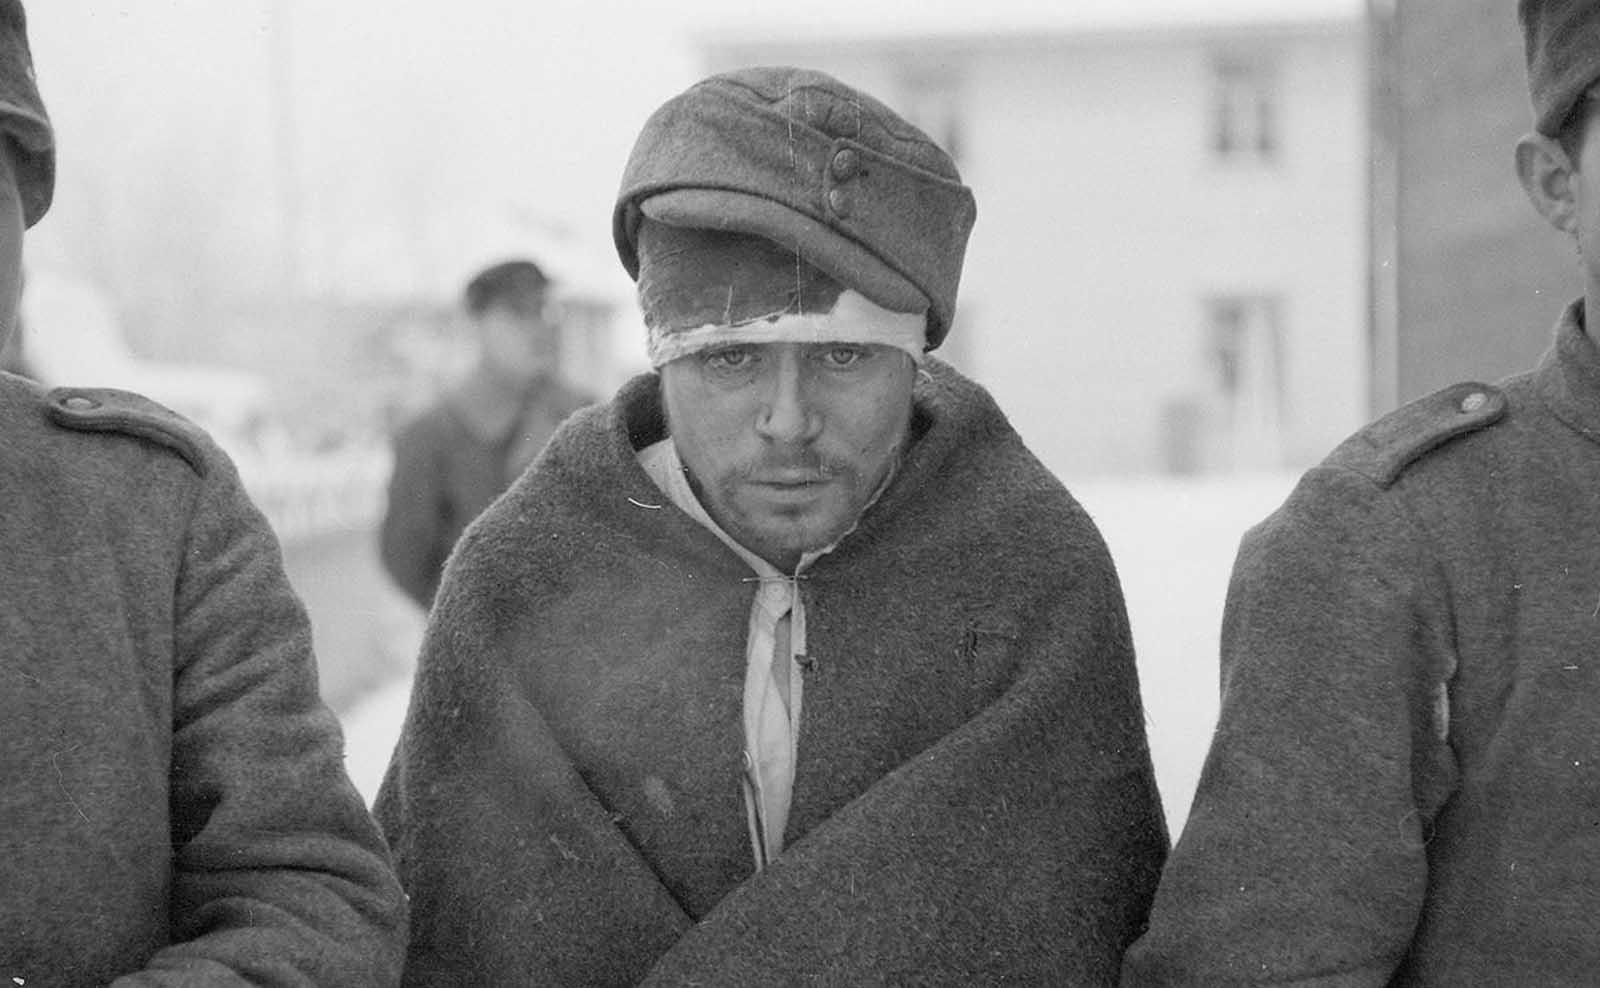 Russian prisoners of war.